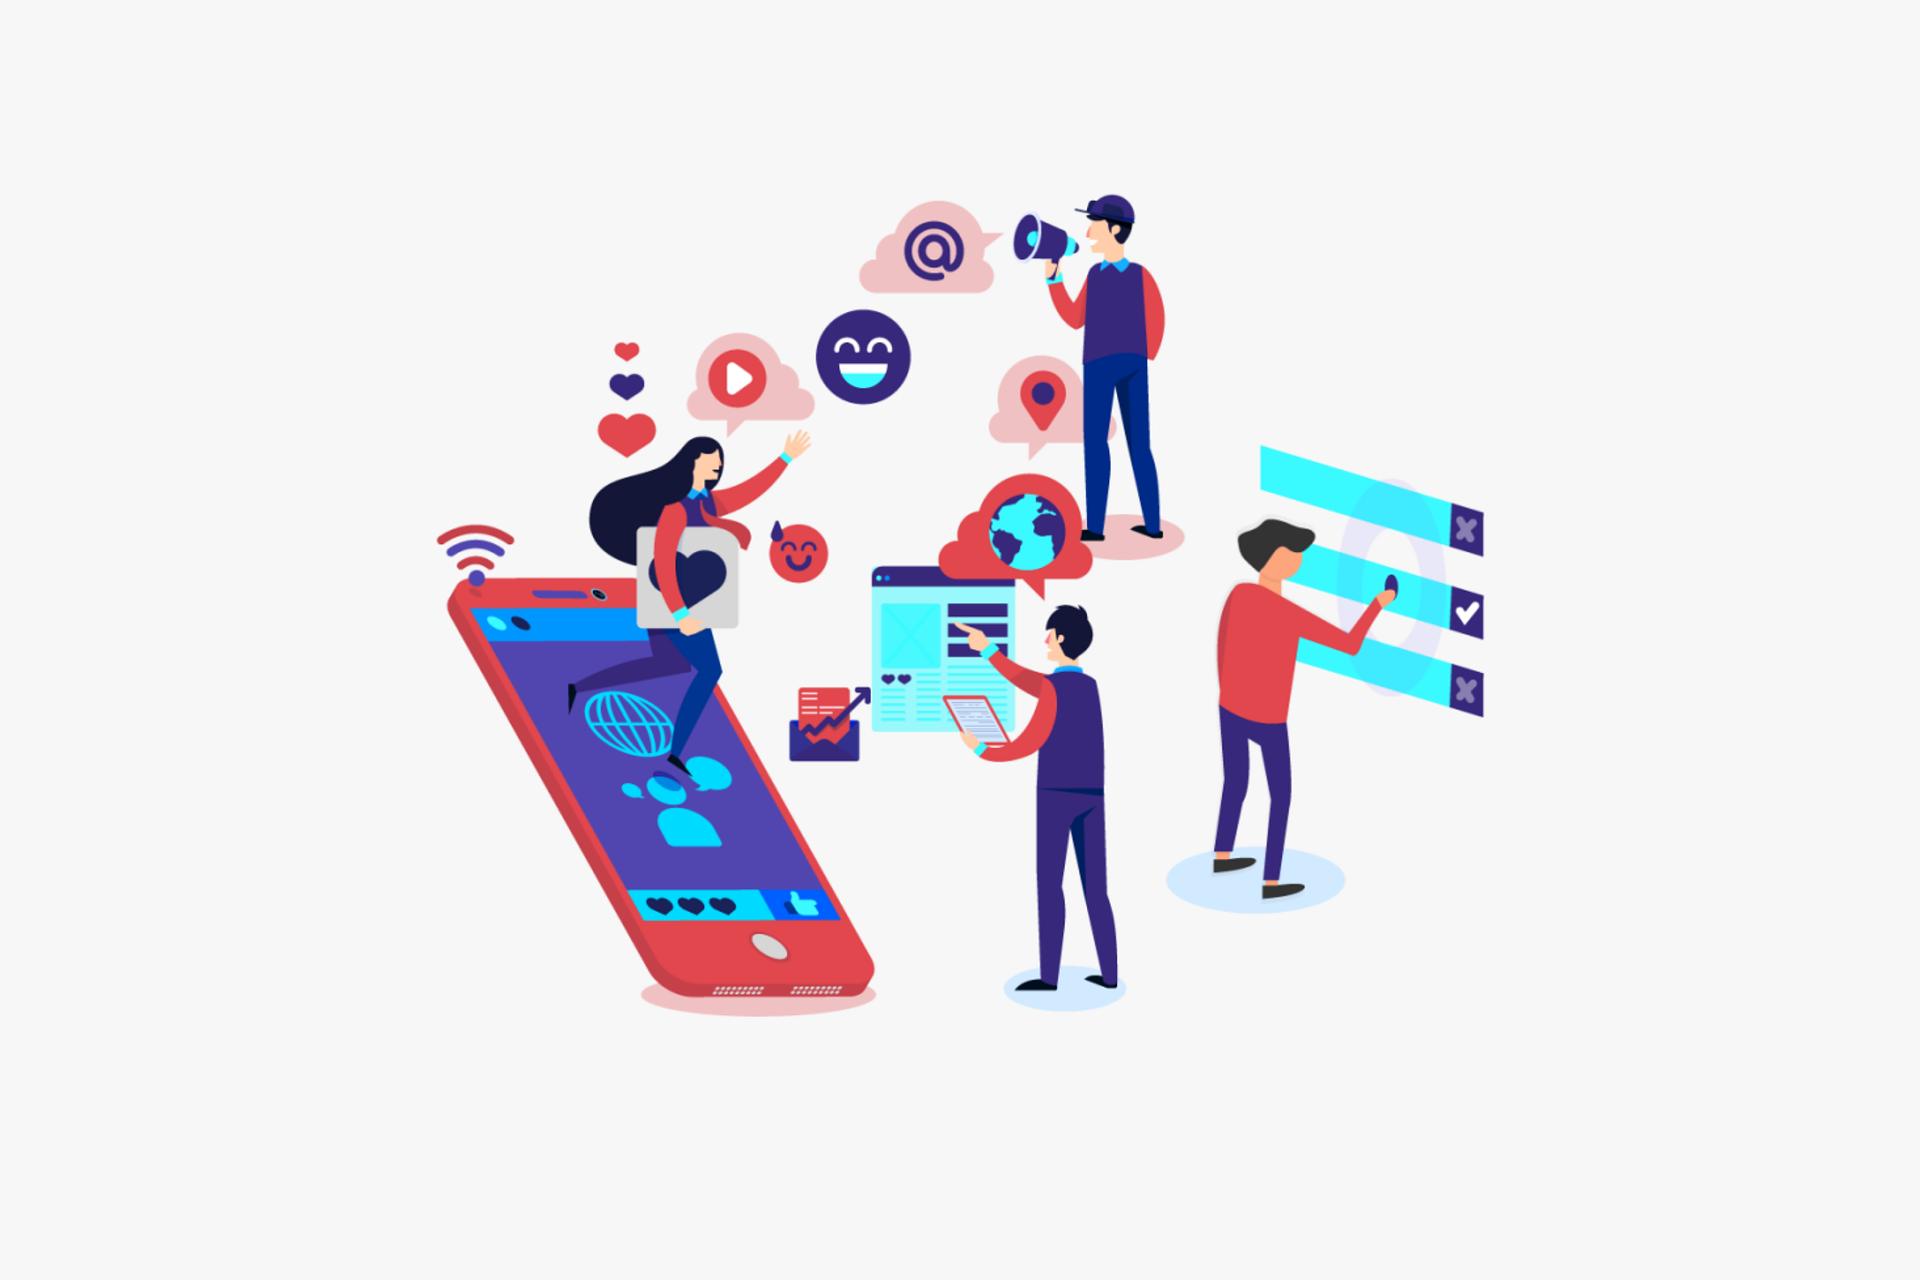 Hva er digital markedsføring, og hvordan gjør man det effektivt?